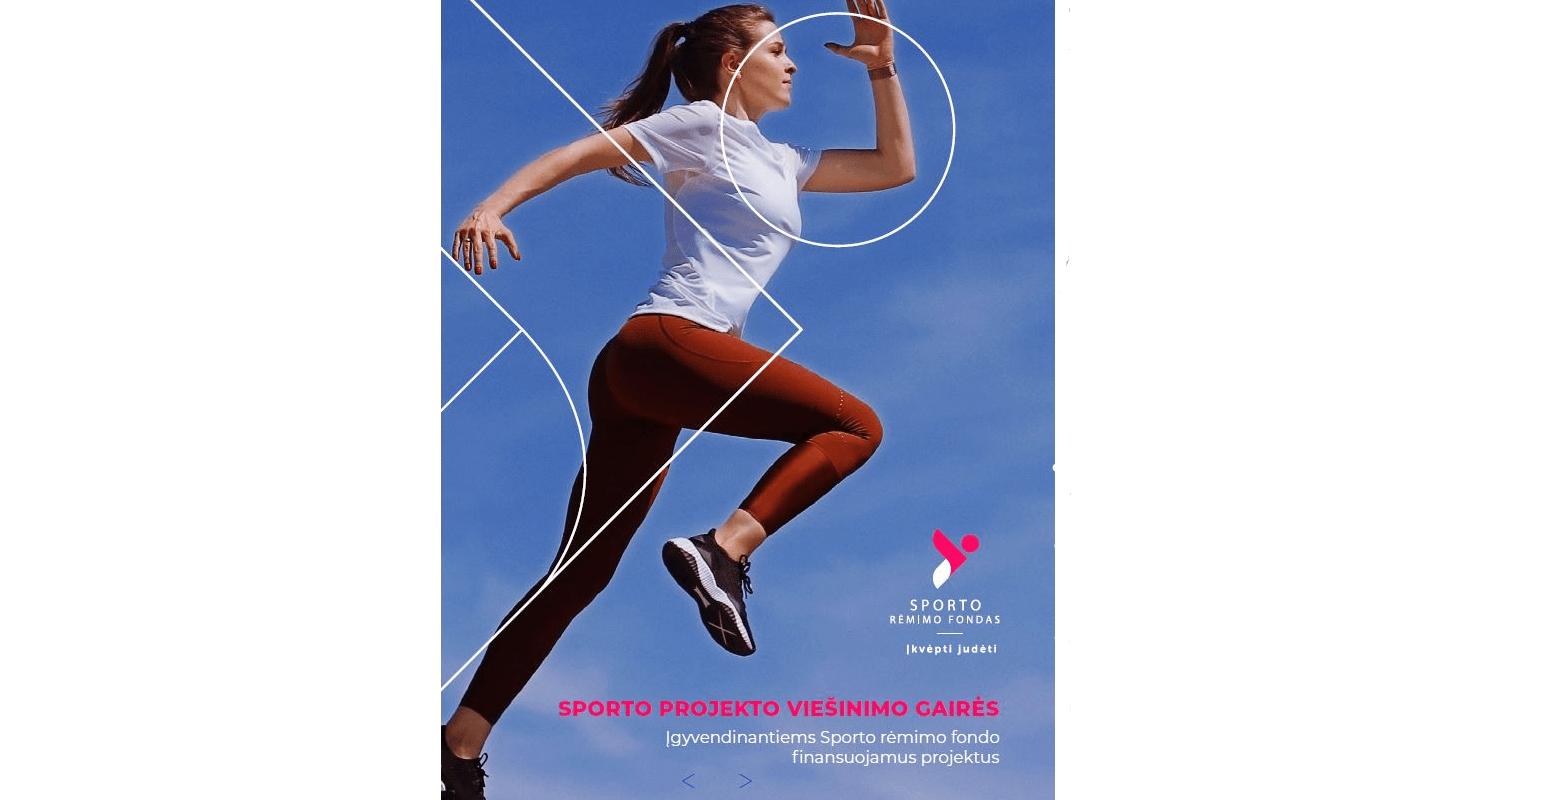 """El. leidinys """"Sporto projekto viešinimo gairės"""" – atmintinė ir naudingi patarimai sporto projektų vykdytojams (1-4 veiklų sritis)"""